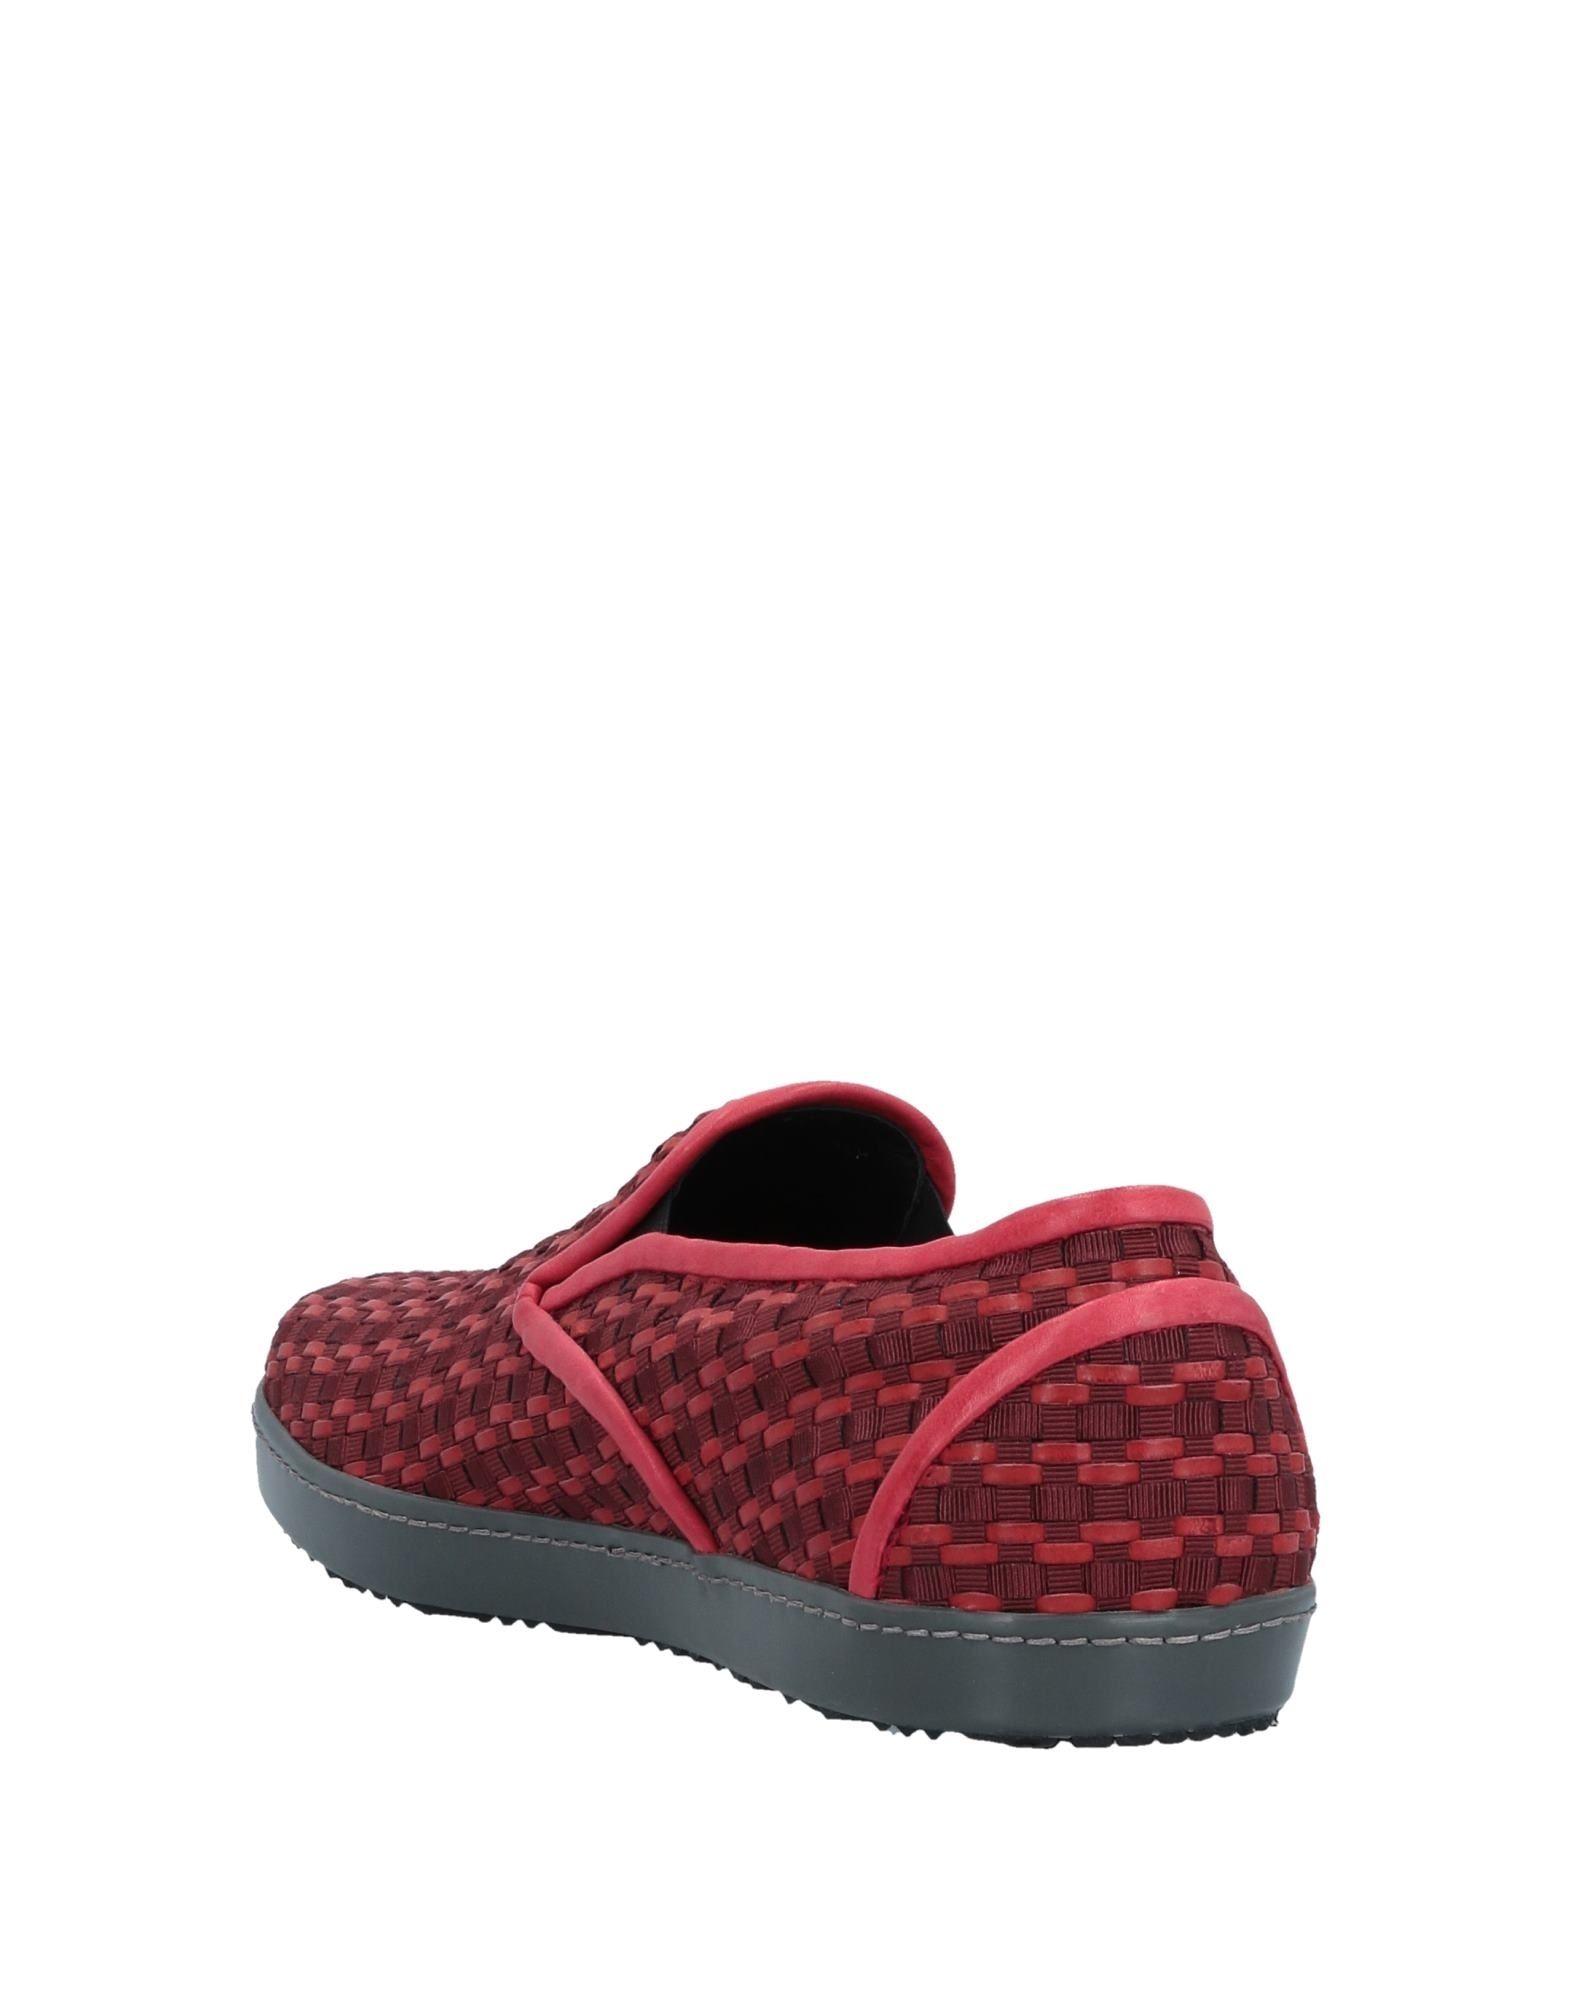 Vivienne Westwood Sneakers 11522508WF Herren  11522508WF Sneakers 56aa2d